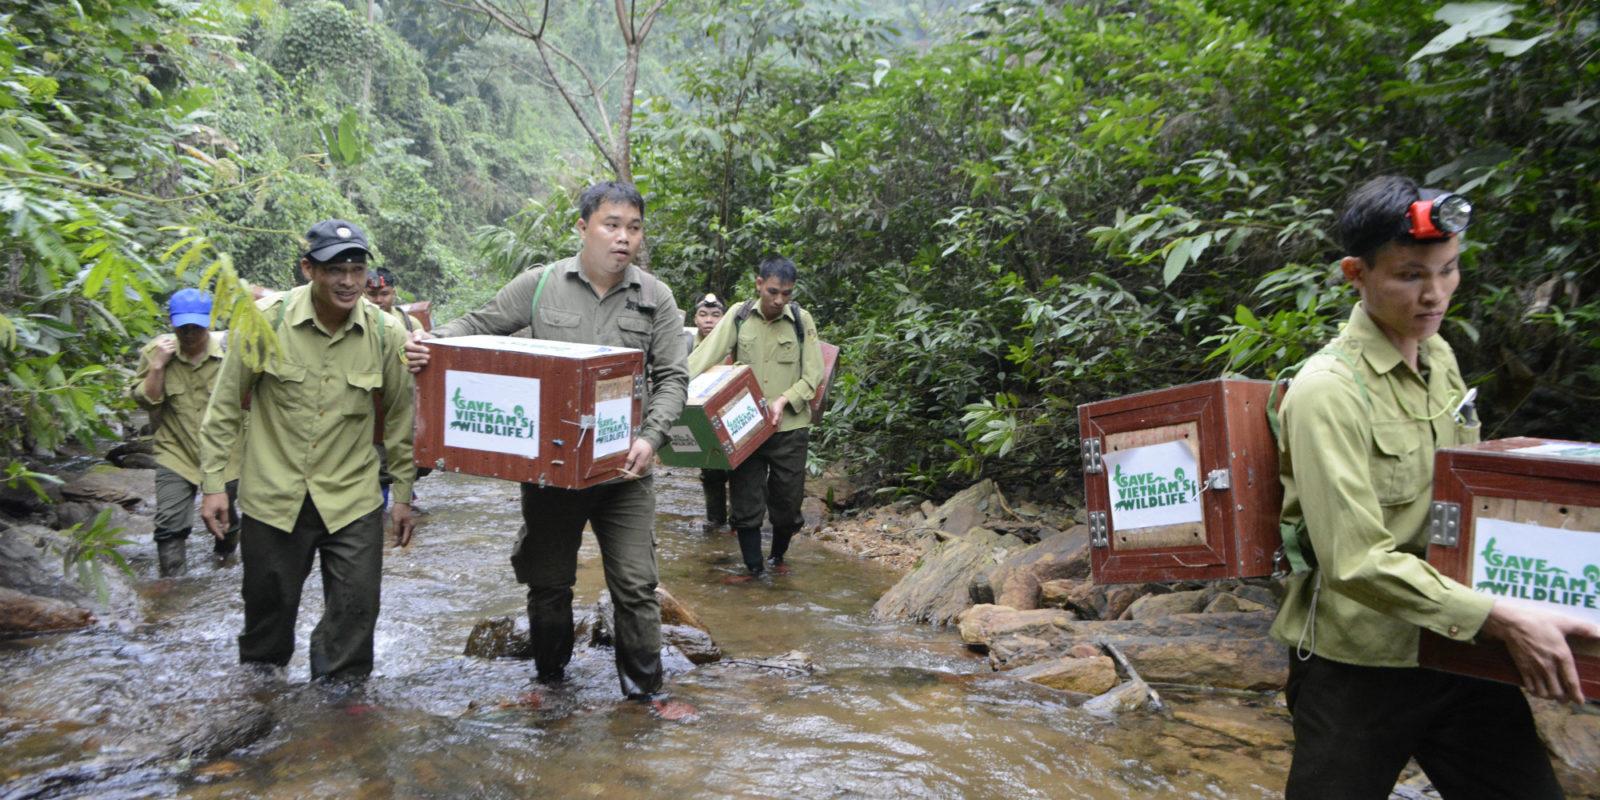 Unsere Partner auf dem Weg zum Ort der Auswilderung der Schuppentiere